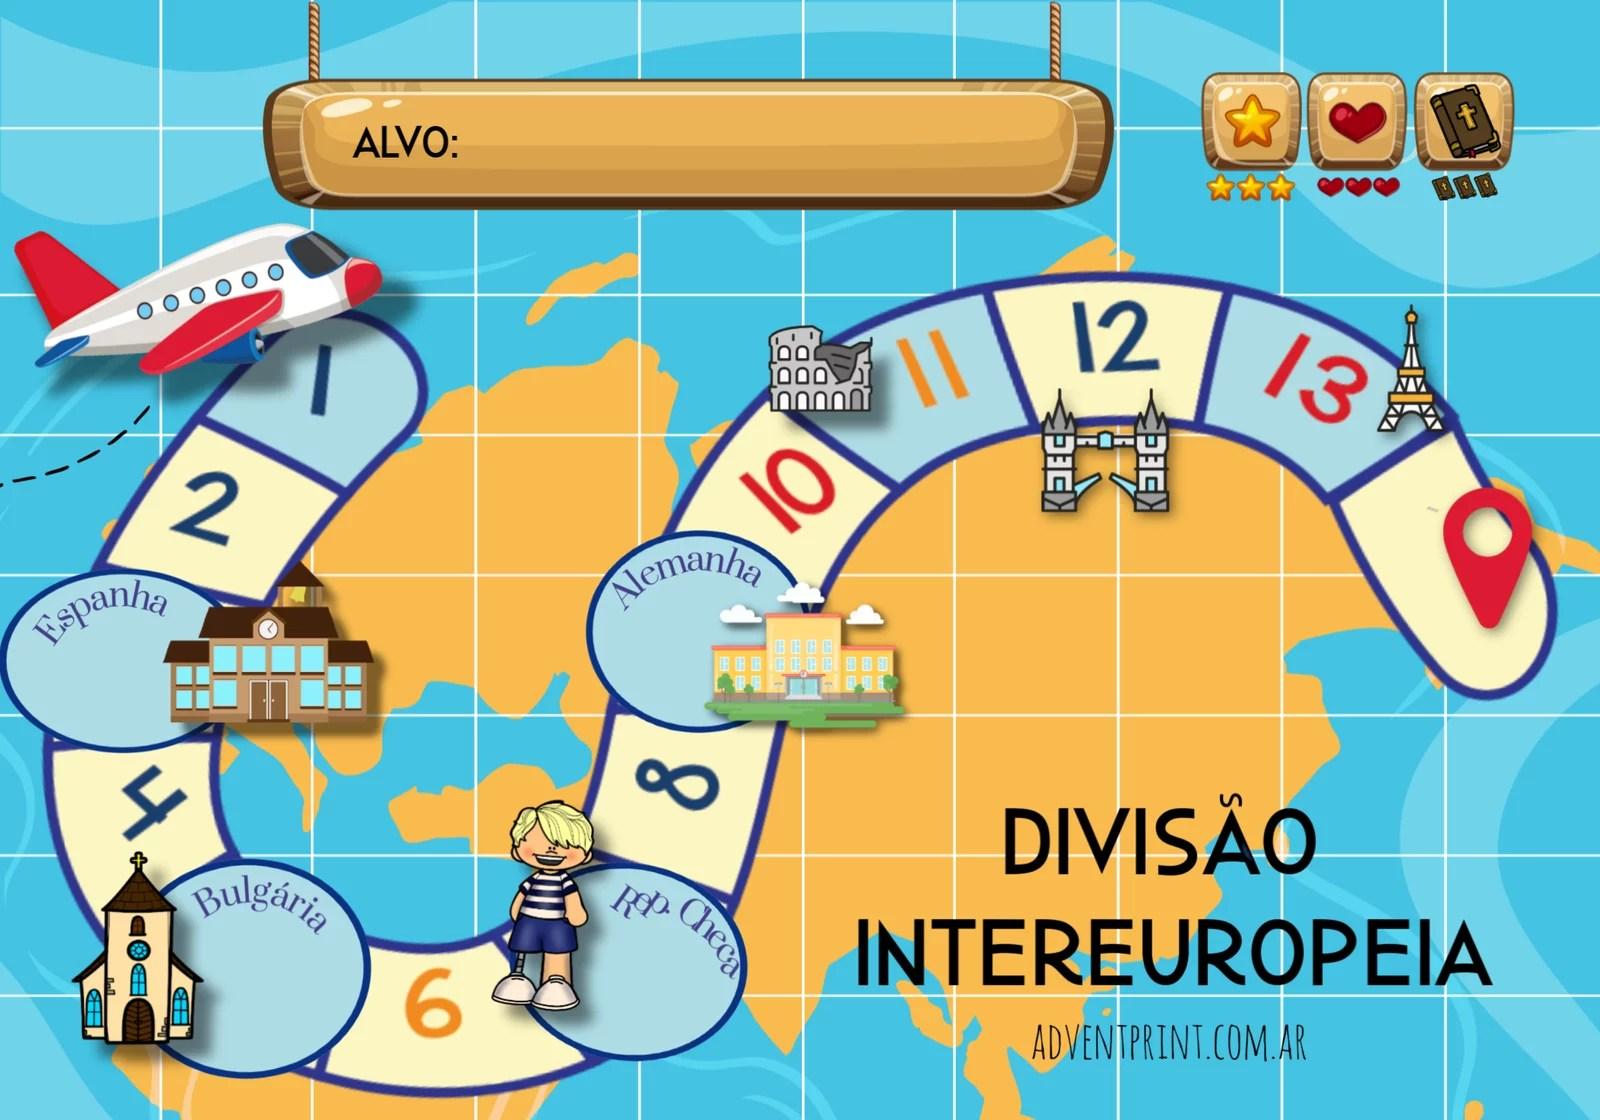 Viajando-pela-Divisão-Intereuropeia-www.adventprint.com_.ar_